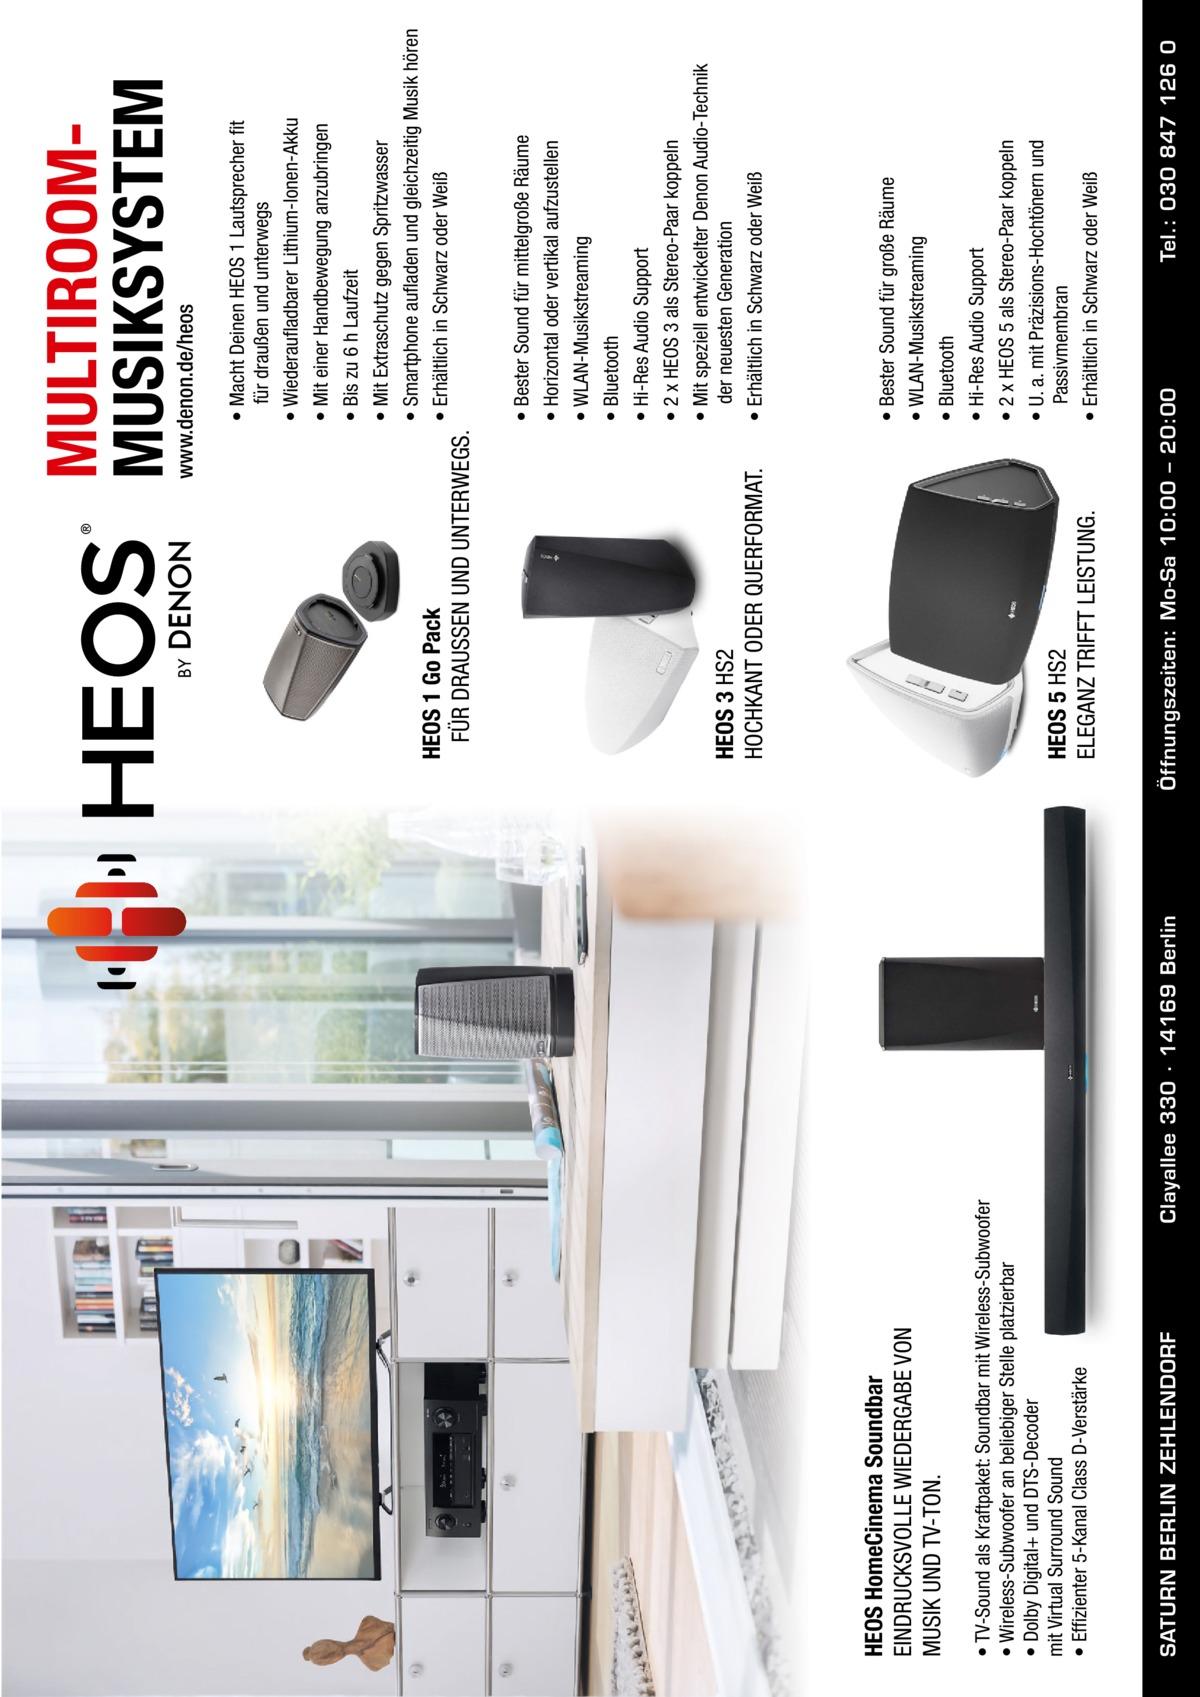 SATURN BERLIN ZEHLENDORF  Clayallee 330 ∙ 14169Berlin  • TV-Sound als Kraftpaket: Soundbar mit Wireless-Subwoofer • Wireless-Subwoofer an beliebiger Stelle platzierbar • Dolby Digital+ und DTS-Decoder mit Virtual Surround Sound • Effizienter 5-Kanal Class D-Verstärke  HEOS HomeCinema Soundbar EINDRUCKSVOLLE WIEDERGABE VON MUSIK UND TV-TON.  Tel.: 030 847 126 0  • Bester Sound für große Räume • WLAN-Musikstreaming • Bluetooth • Hi-Res Audio Support • 2 x HEOS 5 als Stereo-Paar koppeln • U. a. mit Präzisions-Hochtönern und Passivmembran • Erhältlich in Schwarz oder Weiß  • Bester Sound für mittelgroße Räume • Horizontal oder vertikal aufzustellen • WLAN-Musikstreaming • Bluetooth • Hi-Res Audio Support • 2 x HEOS 3 als Stereo-Paar koppeln • Mit speziell entwickelter Denon Audio-Technik der neuesten Generation • Erhältlich in Schwarz oder Weiß  Öffnungszeiten: Mo-Sa 10:00 – 20:00  HEOS 5 HS2 ELEGANZ TRIFFT LEISTUNG.  HEOS 3 HS2 HOCHKANT ODER QUERFORMAT.  HEOS 1 Go Pack FÜR DRAUSSEN UND UNTERWEGS.  • Macht Deinen HEOS 1 Lautsprecher fit für draußen und unterwegs • Wiederaufladbarer Lithium-Ionen-Akku • Mit einer Handbewegung anzubringen • Bis zu 6 h Laufzeit • Mit Extraschutz gegen Spritzwasser • Smartphone aufladen und gleichzeitig Musik hören • Erhältlich in Schwarz oder Weiß  www.denon.de/heos  MULTIROOMMUSIKSYSTEM